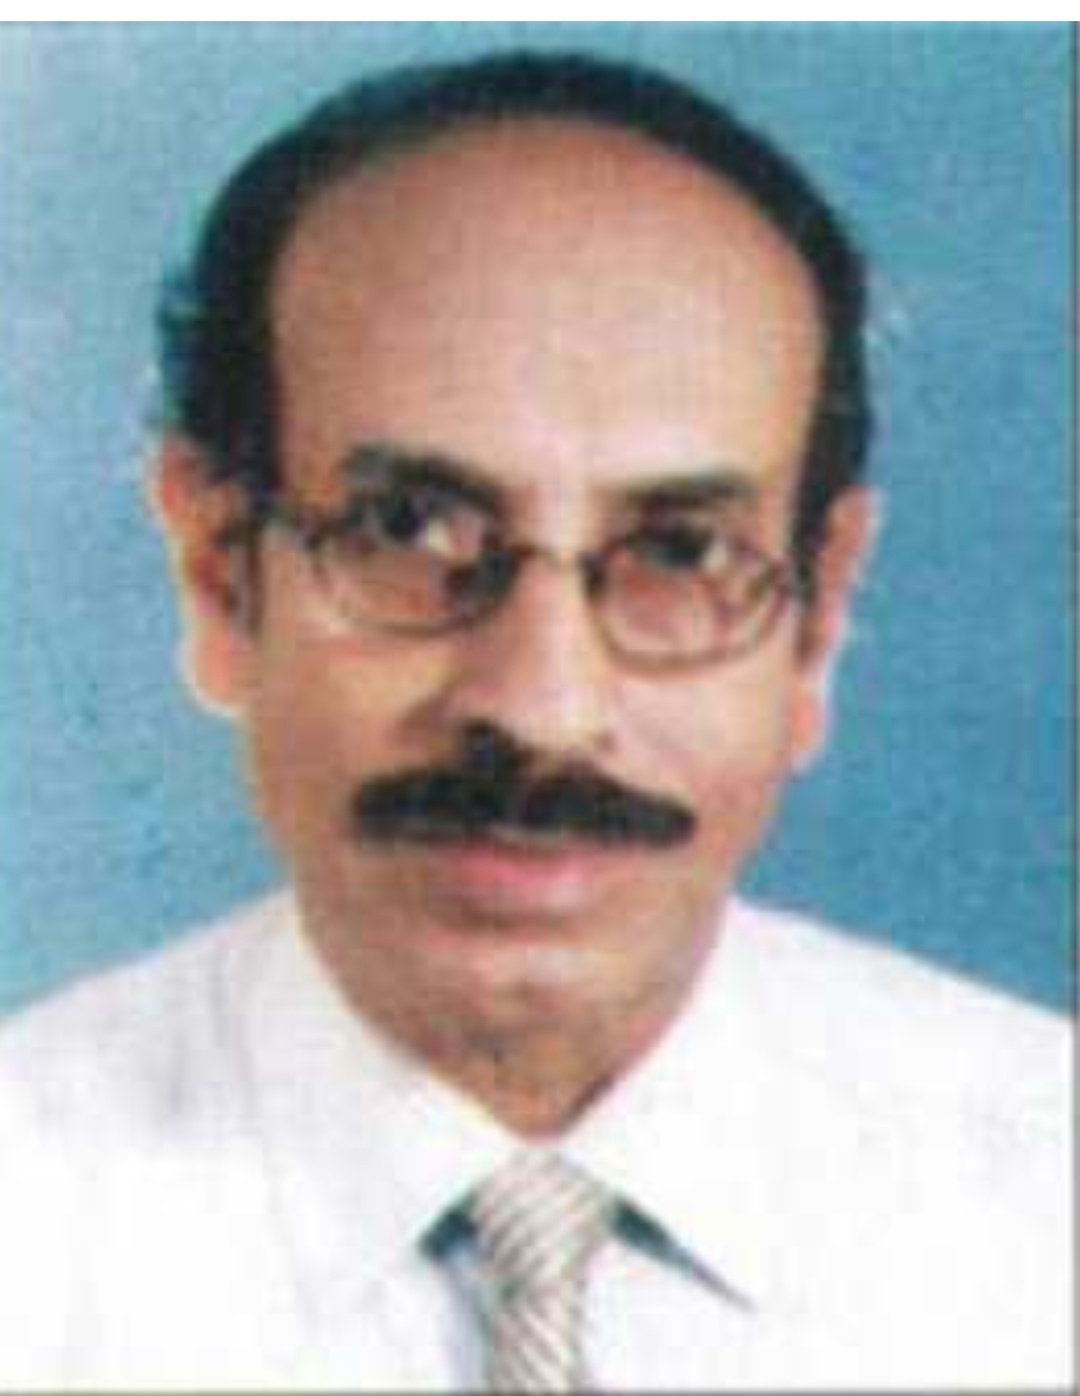 সিনিয়র সাংবাদিক কাইয়ুম খান মিলনের ইন্তেকাল